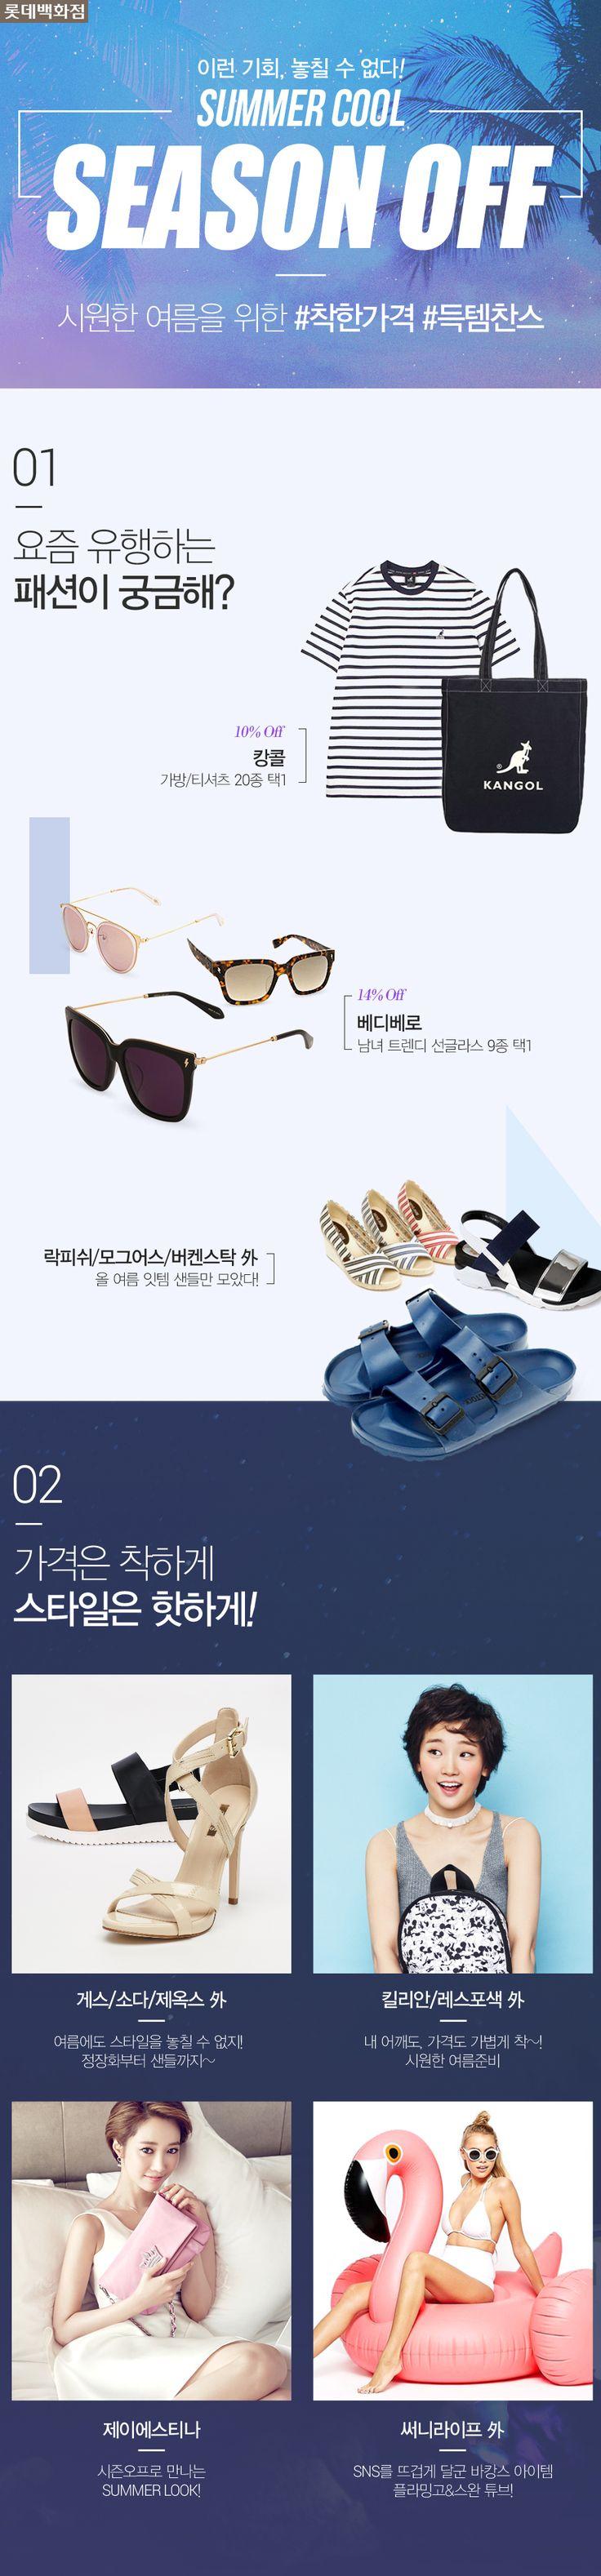 [롯데백화점] SUMMER COOL SEASON OFF! - 백화점을 인터넷으로 | 롯데닷컴